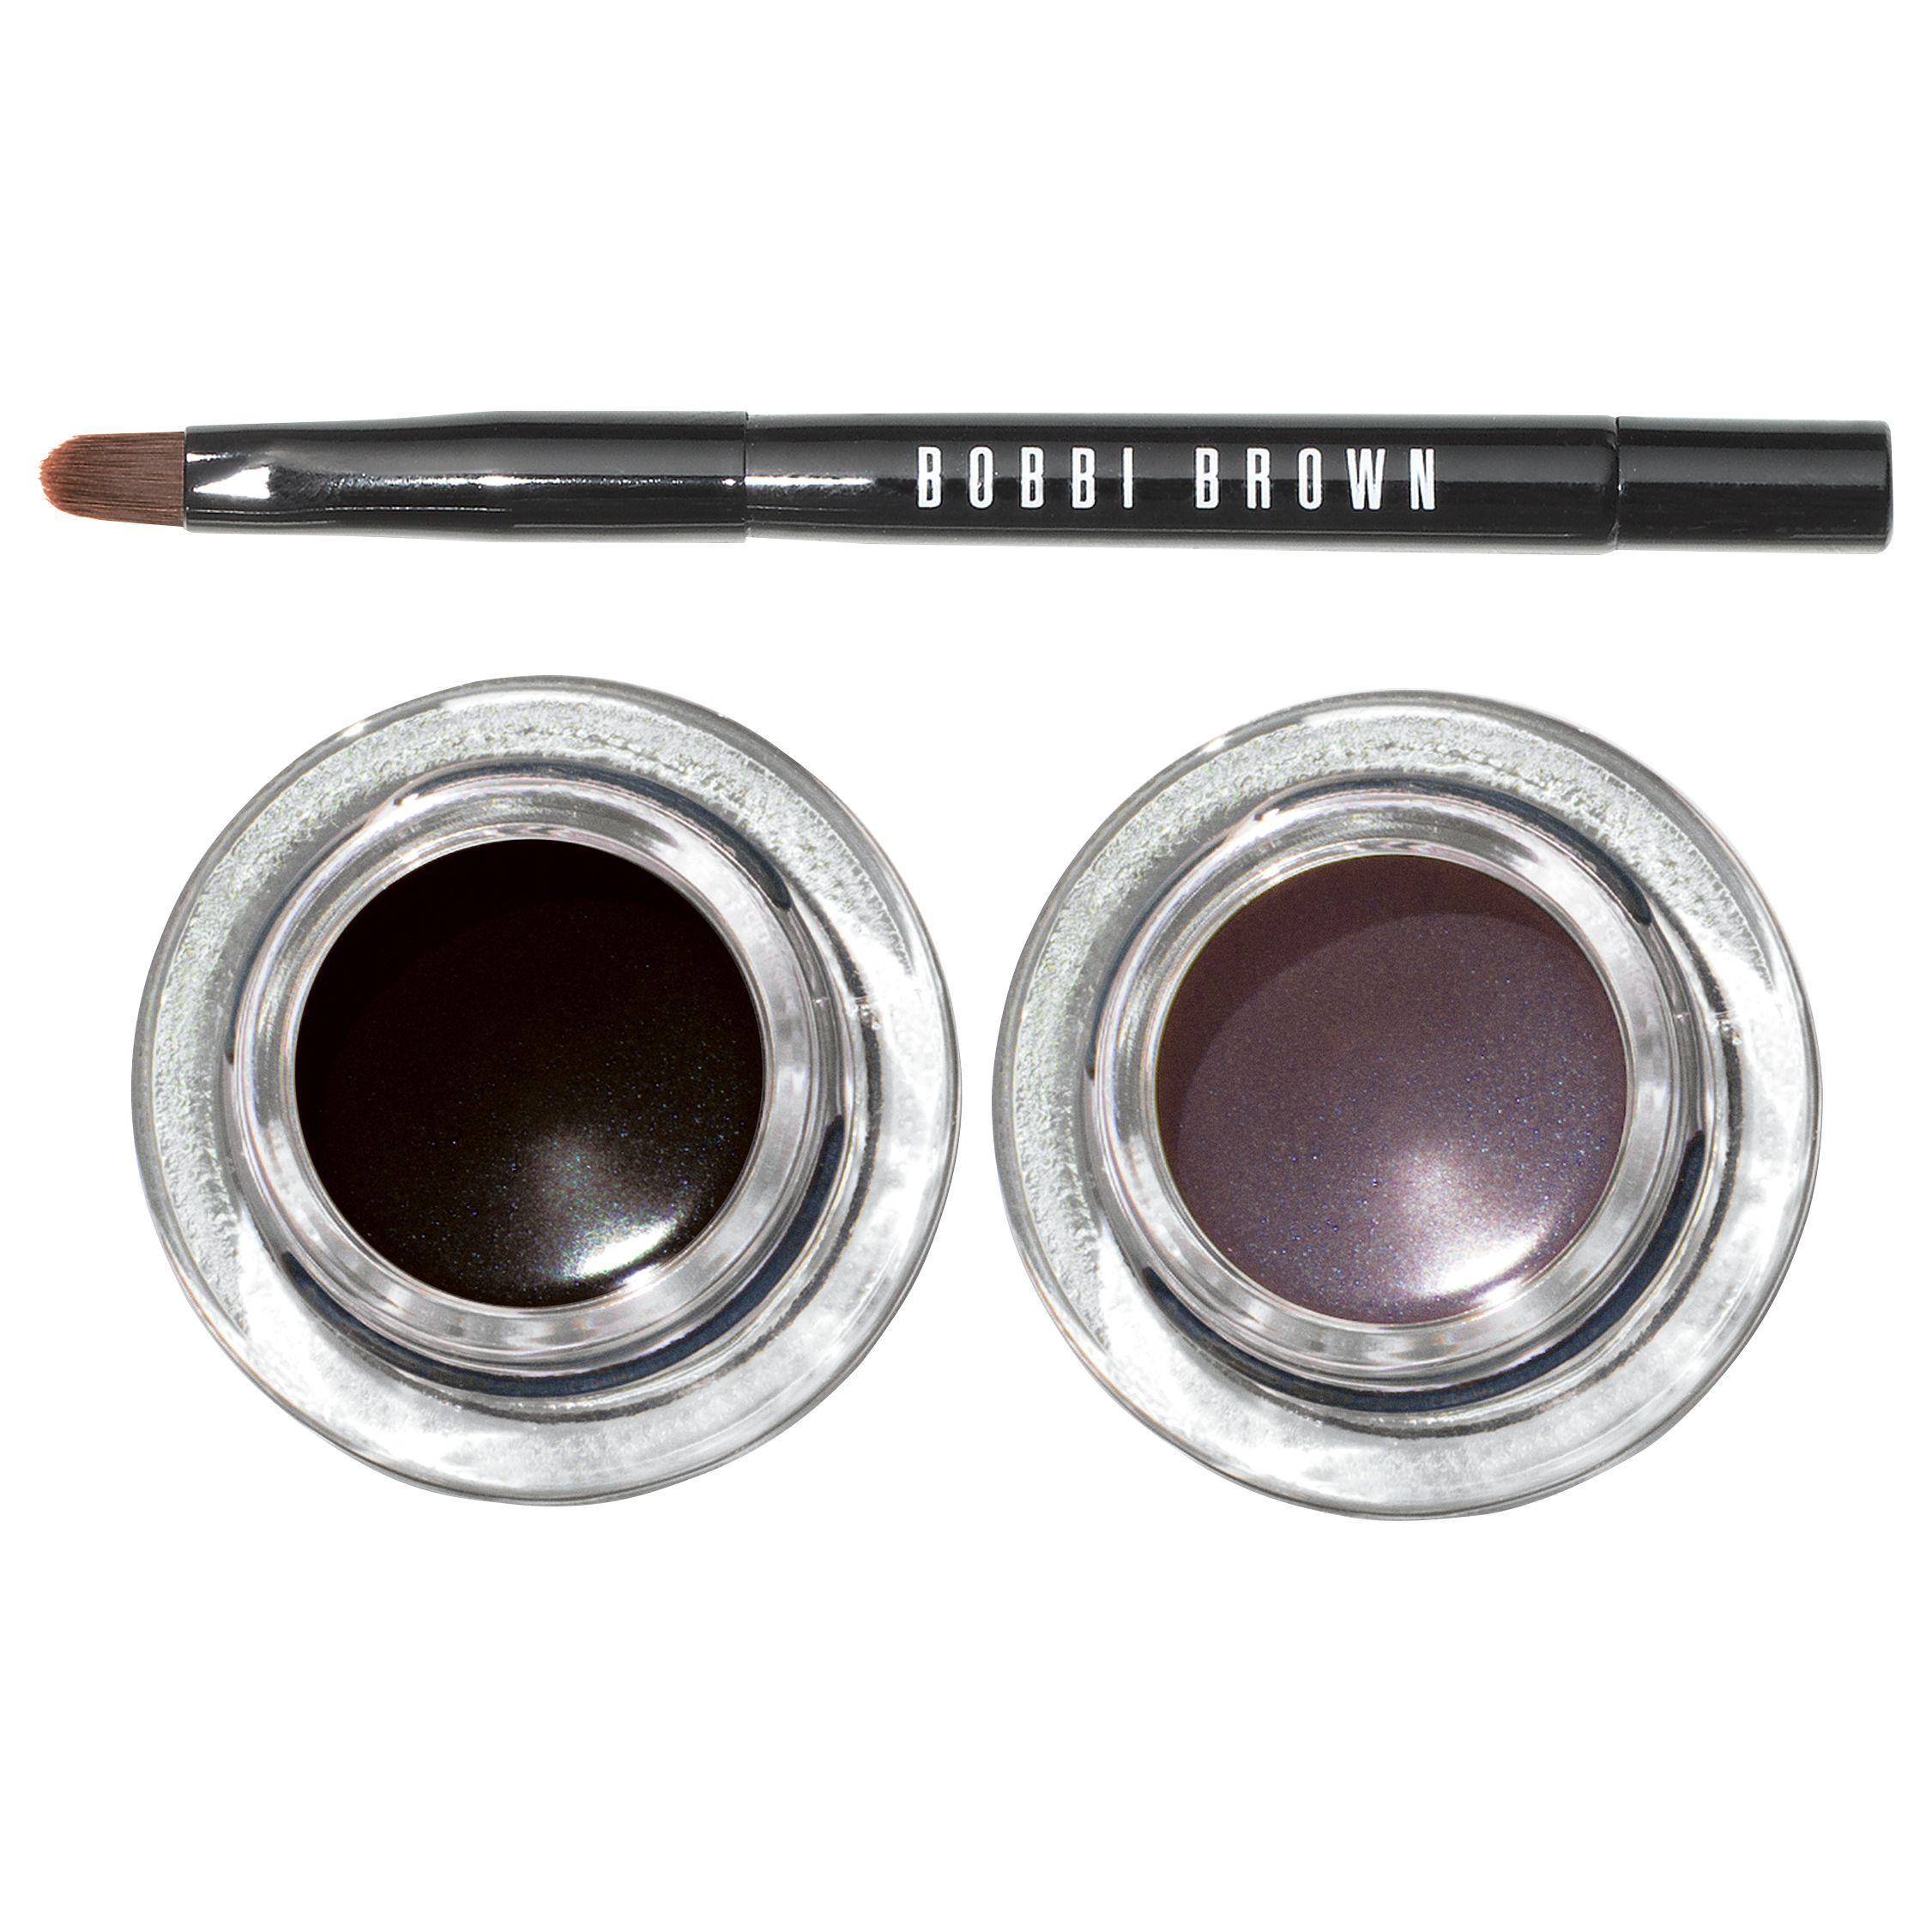 Bobbi Brown Cat Eye Long Wear Gel Eyeliner & Brush Set